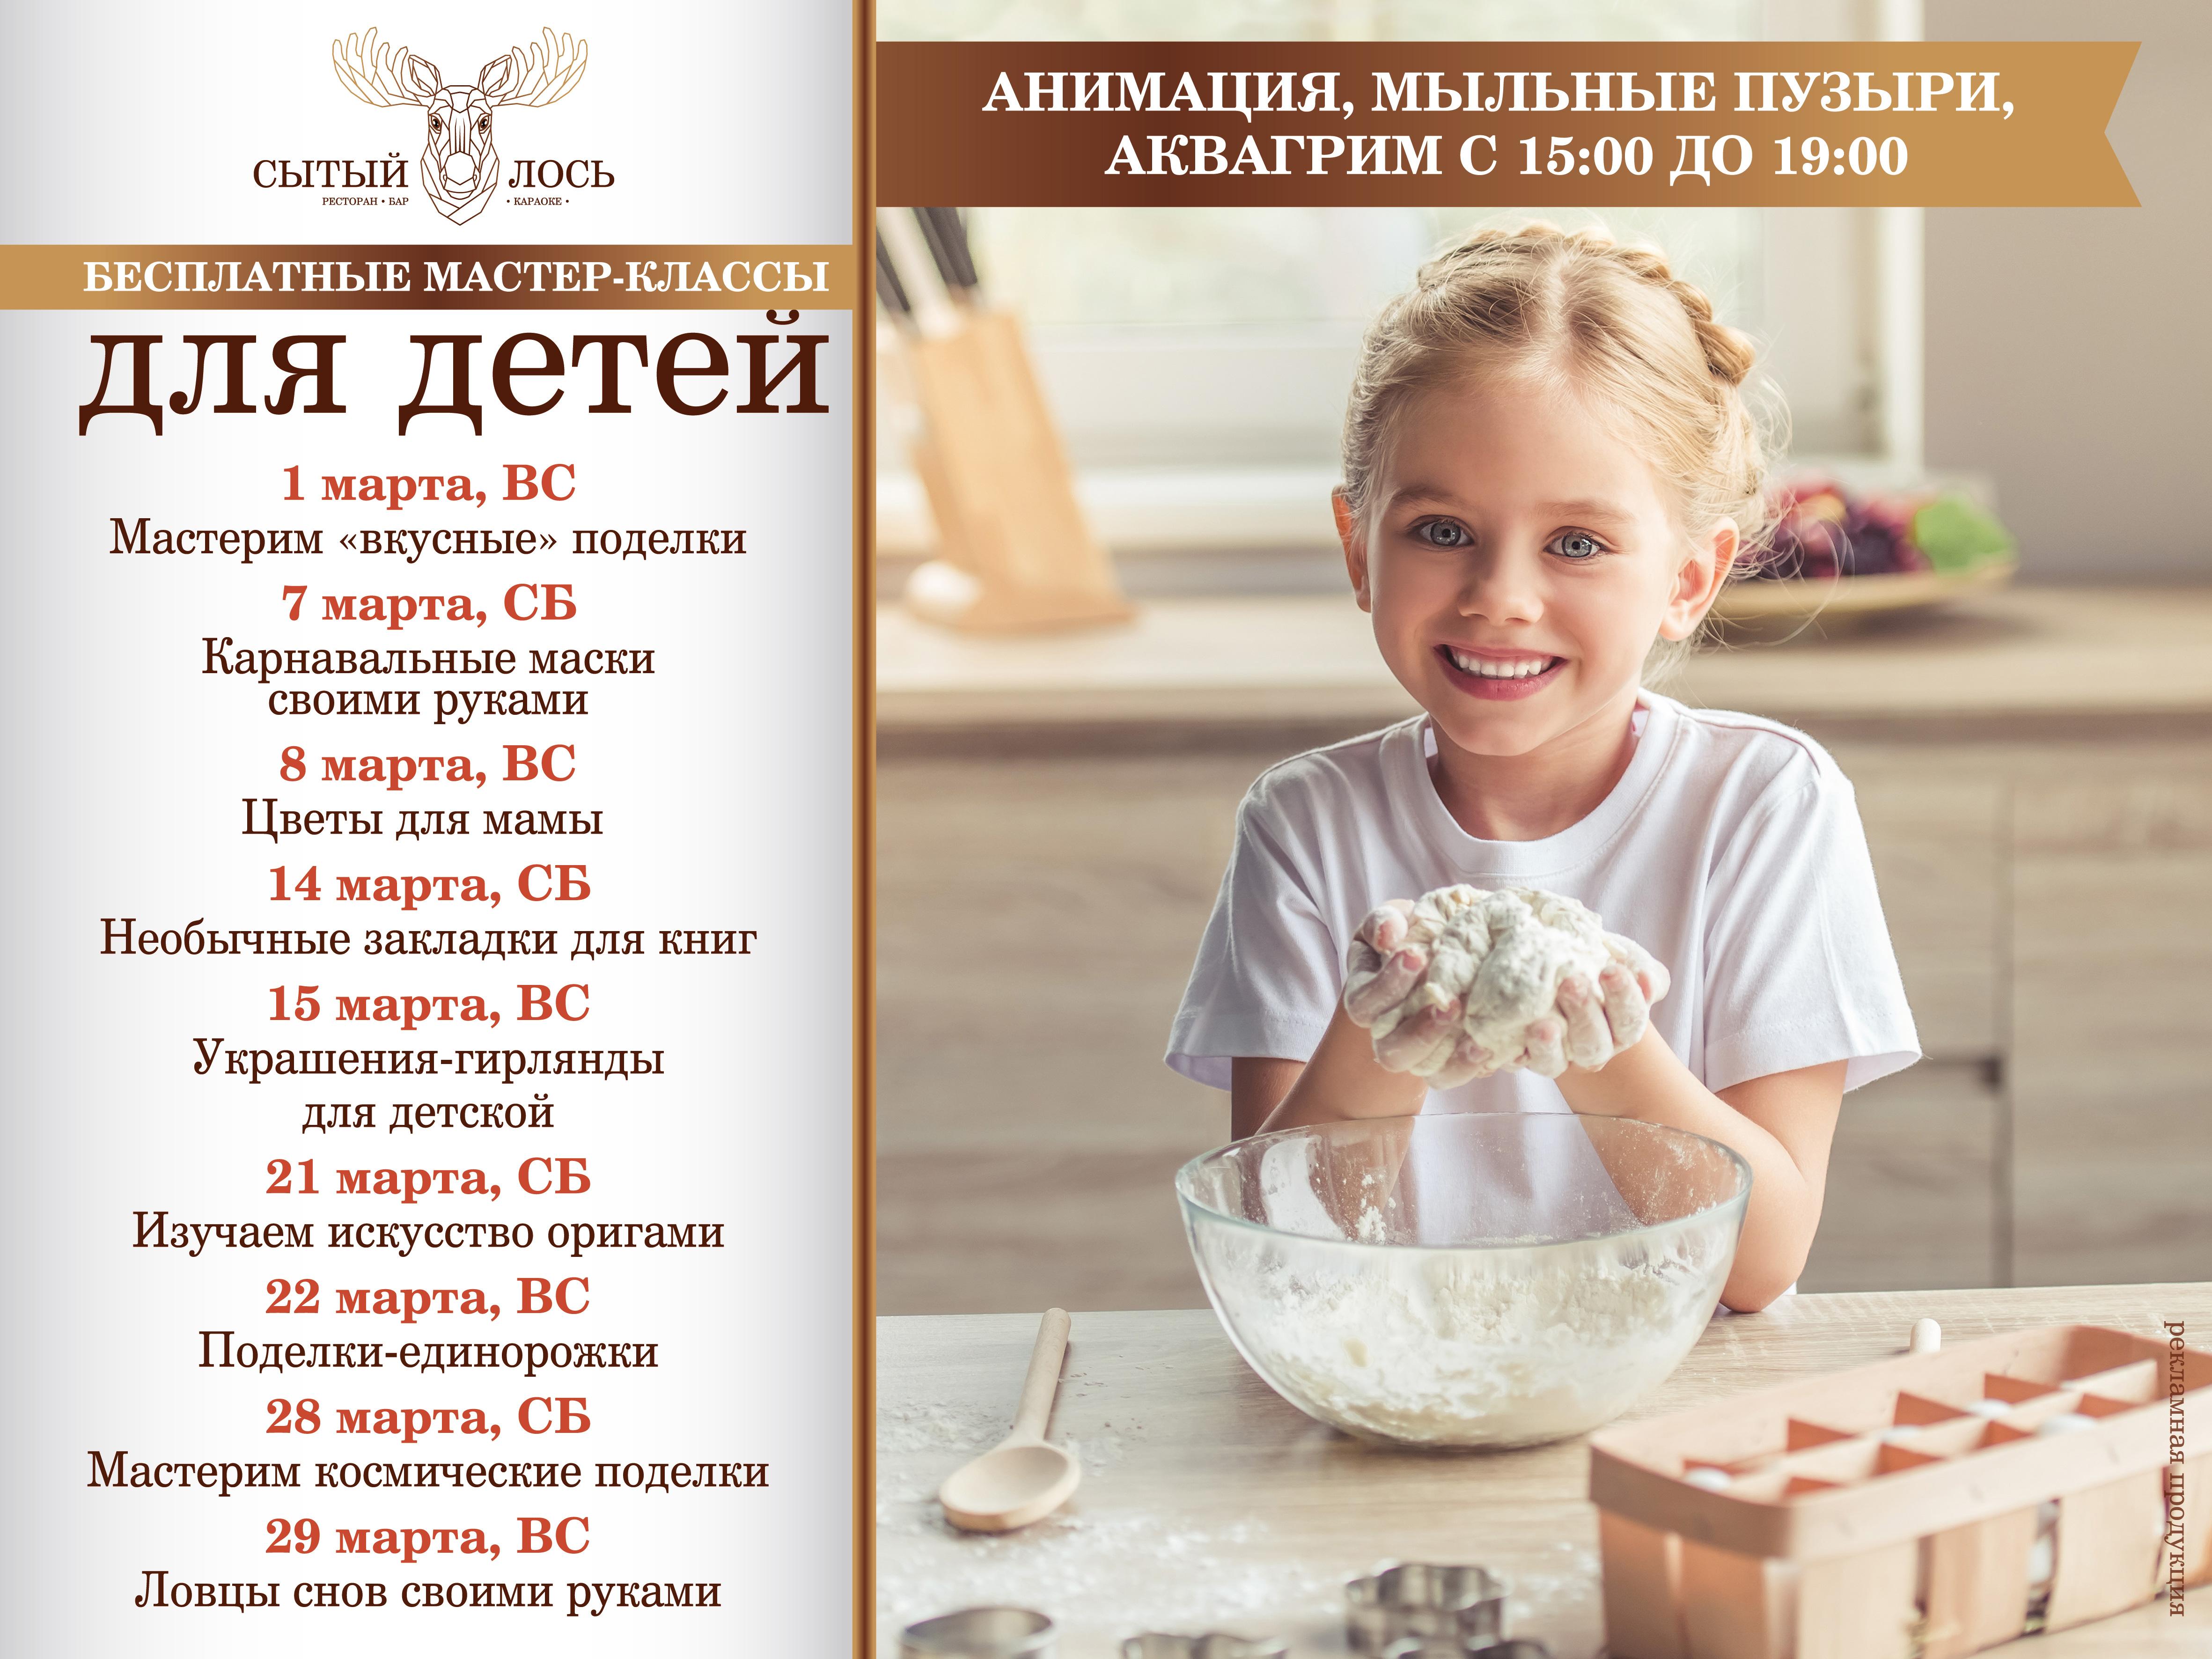 Афиша и расписание детских мастер-классов на март 2020